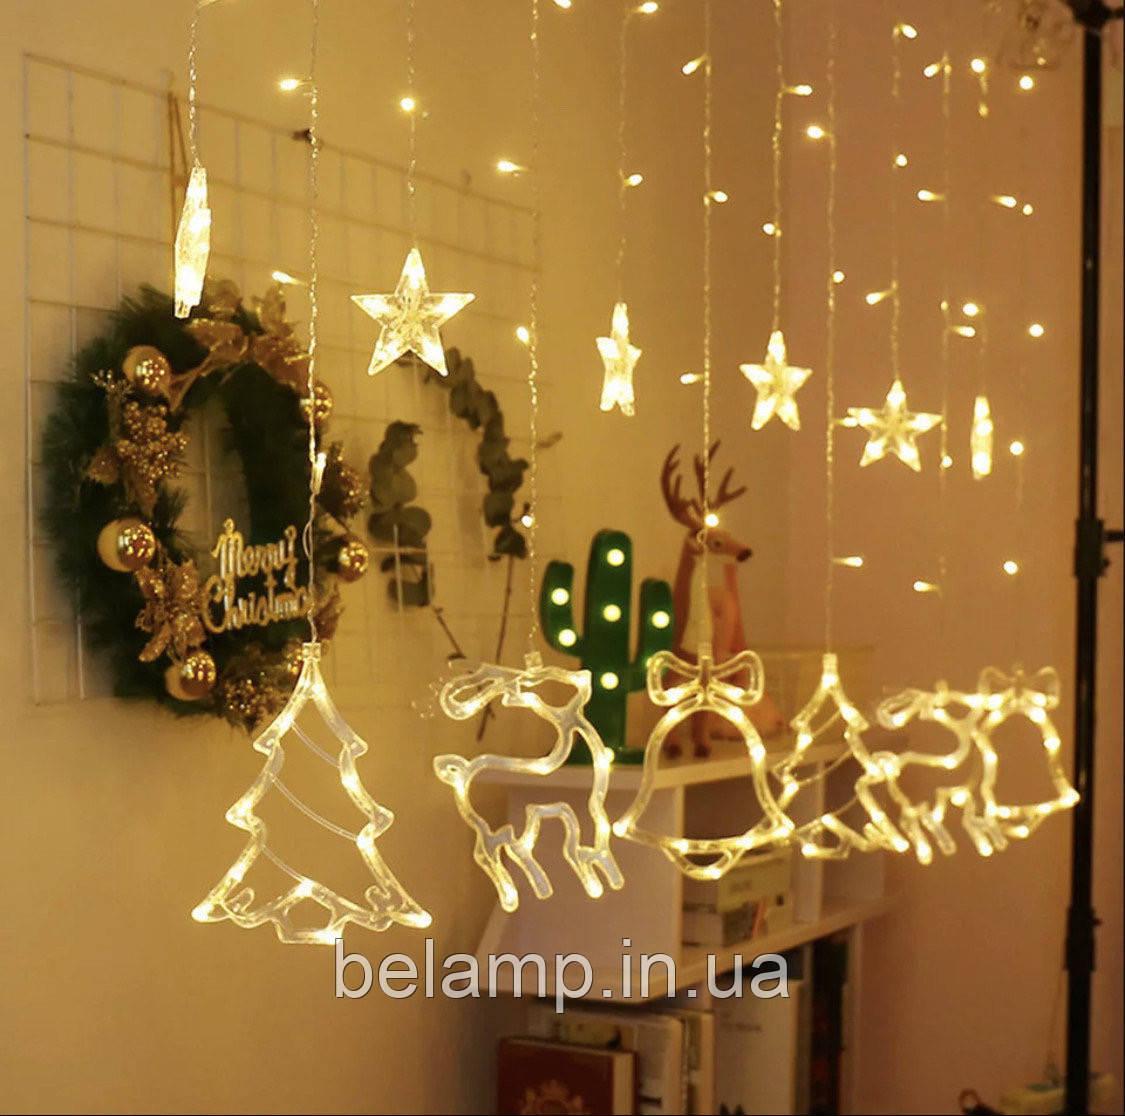 Новогодняя  светодиодная гирлянда штора (бахрома) на окно «Сказка»